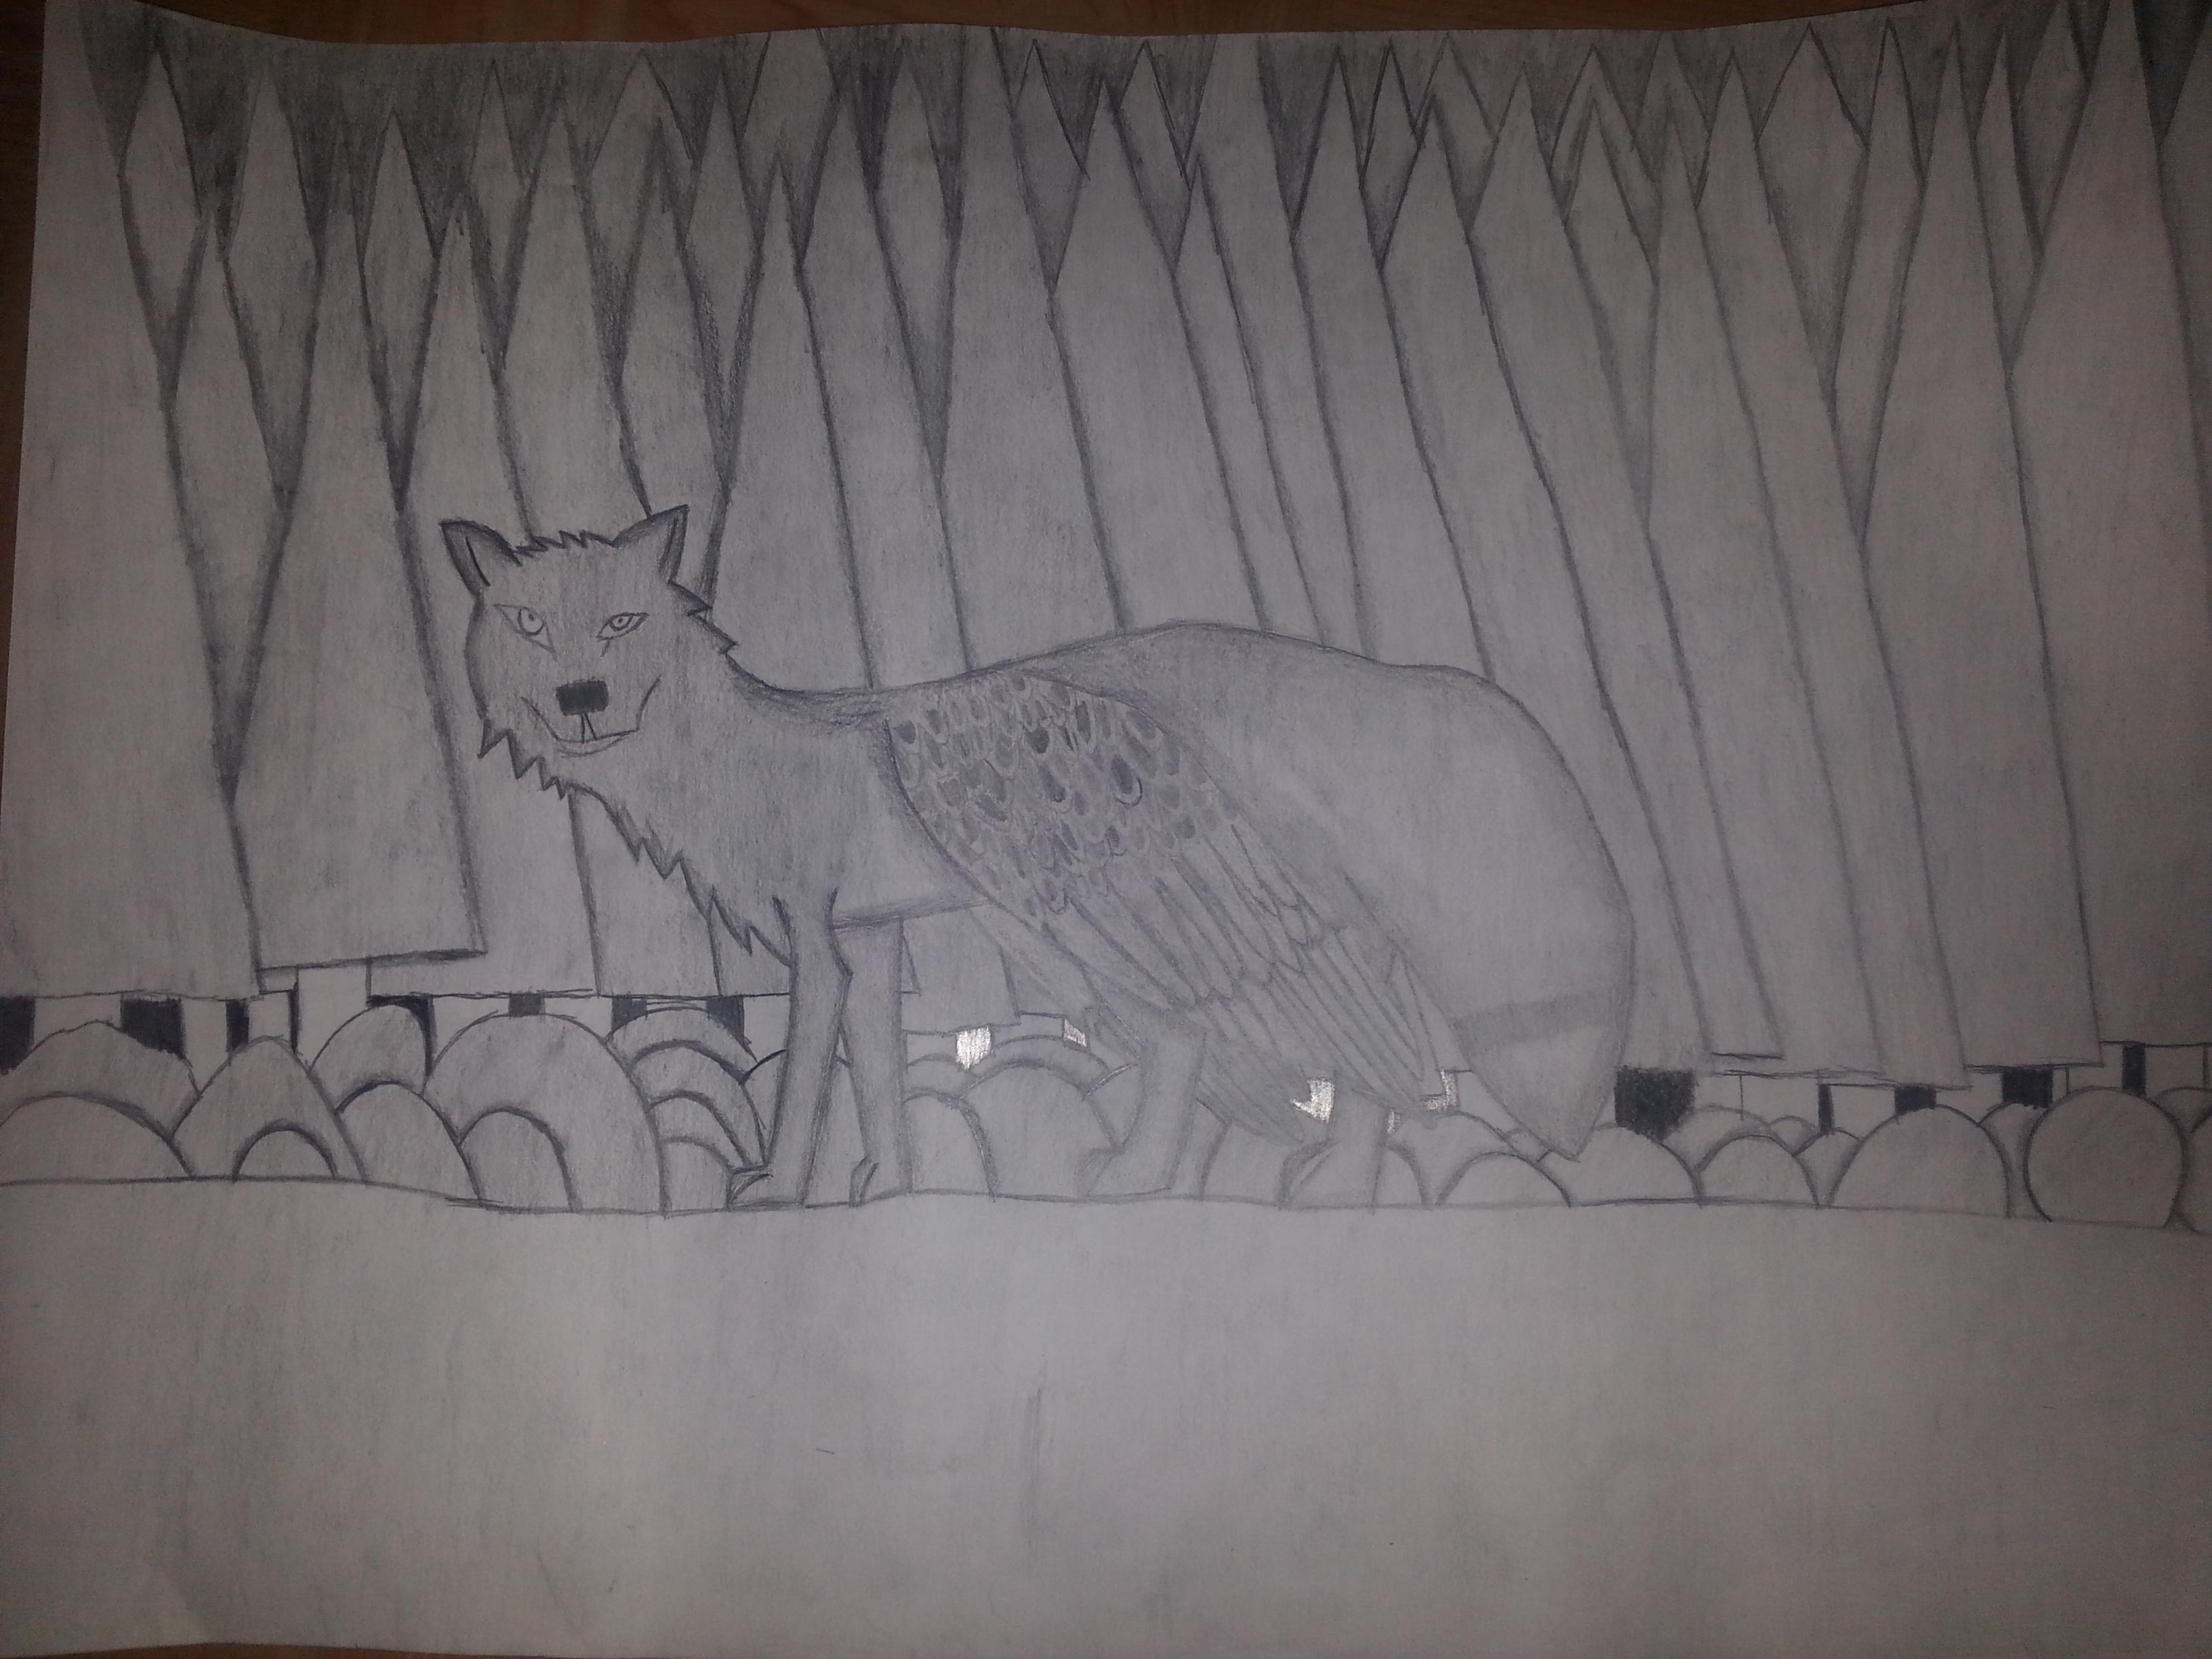 Drawn hawk shaded Wolf/Fox/Hawk Shading WolfMaster2015 by Mix